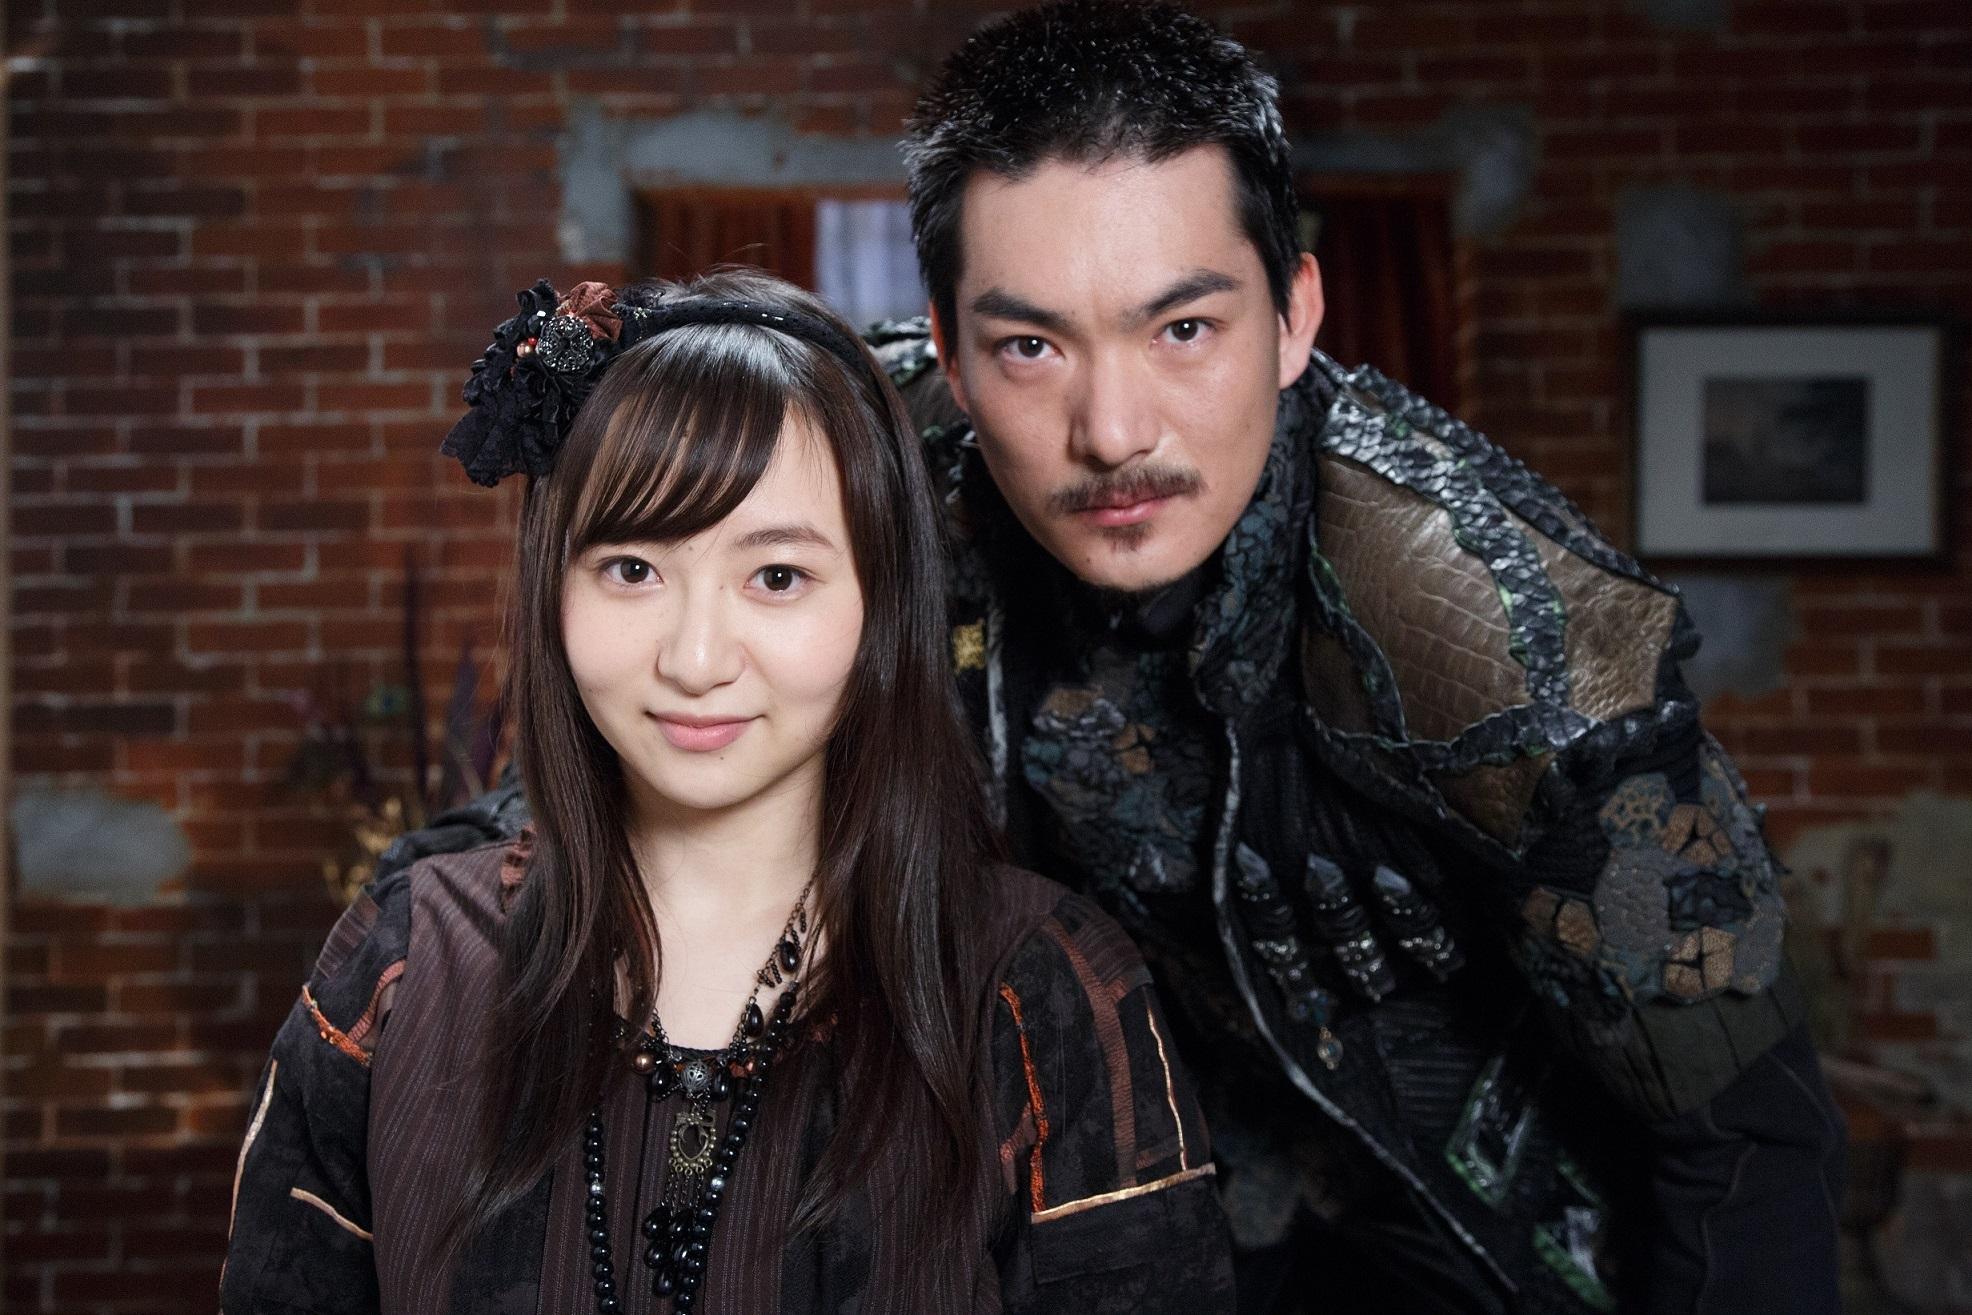 左から、ハルナ役・小松もか、秋月ダイゴ役・脇崎智史